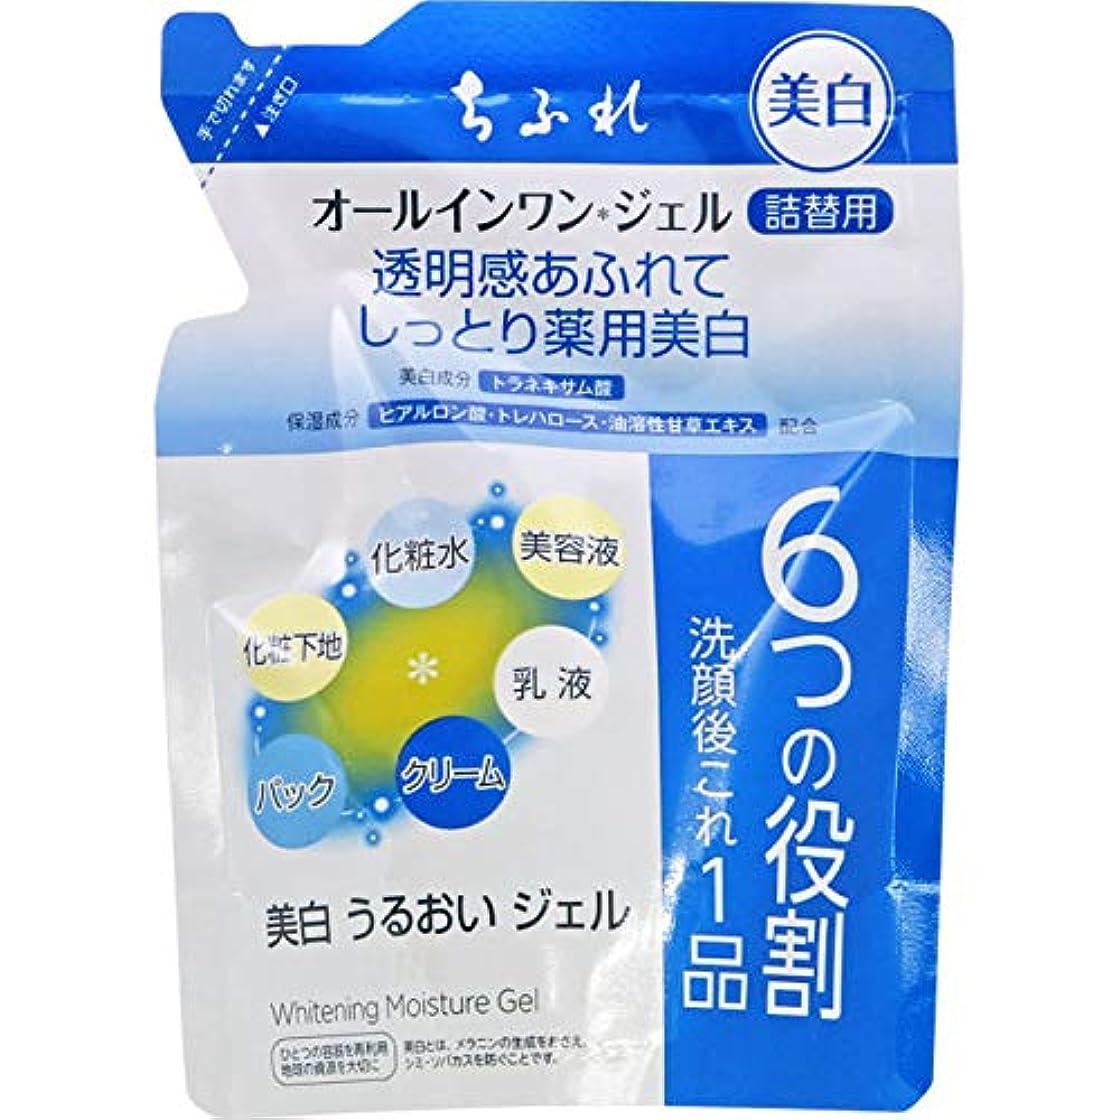 凍った千乳剤ちふれ化粧品 美白うるおいジェル 詰替 108g